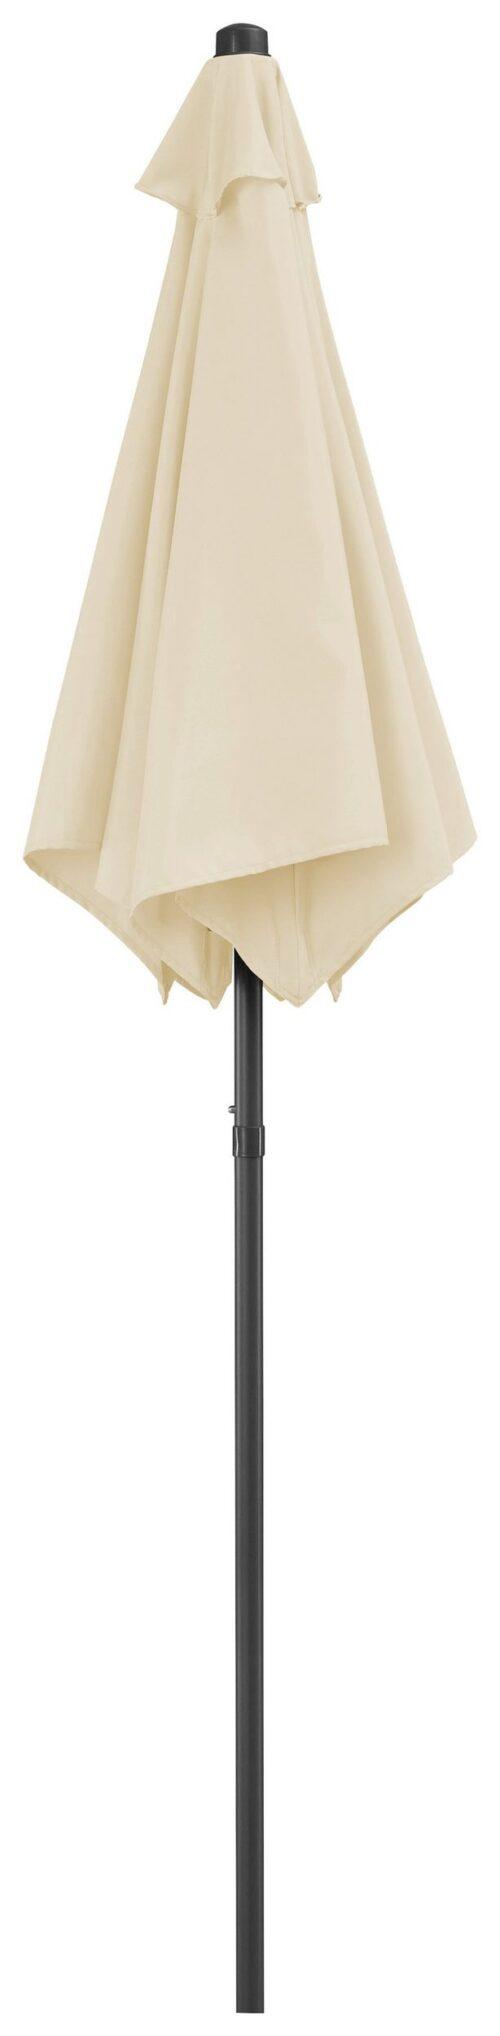 garten gut Sonnenschirm Push up Schirm Rom abknickbar ohne Schirmständer B87882711 UVP 49,99€ | 87882711 3